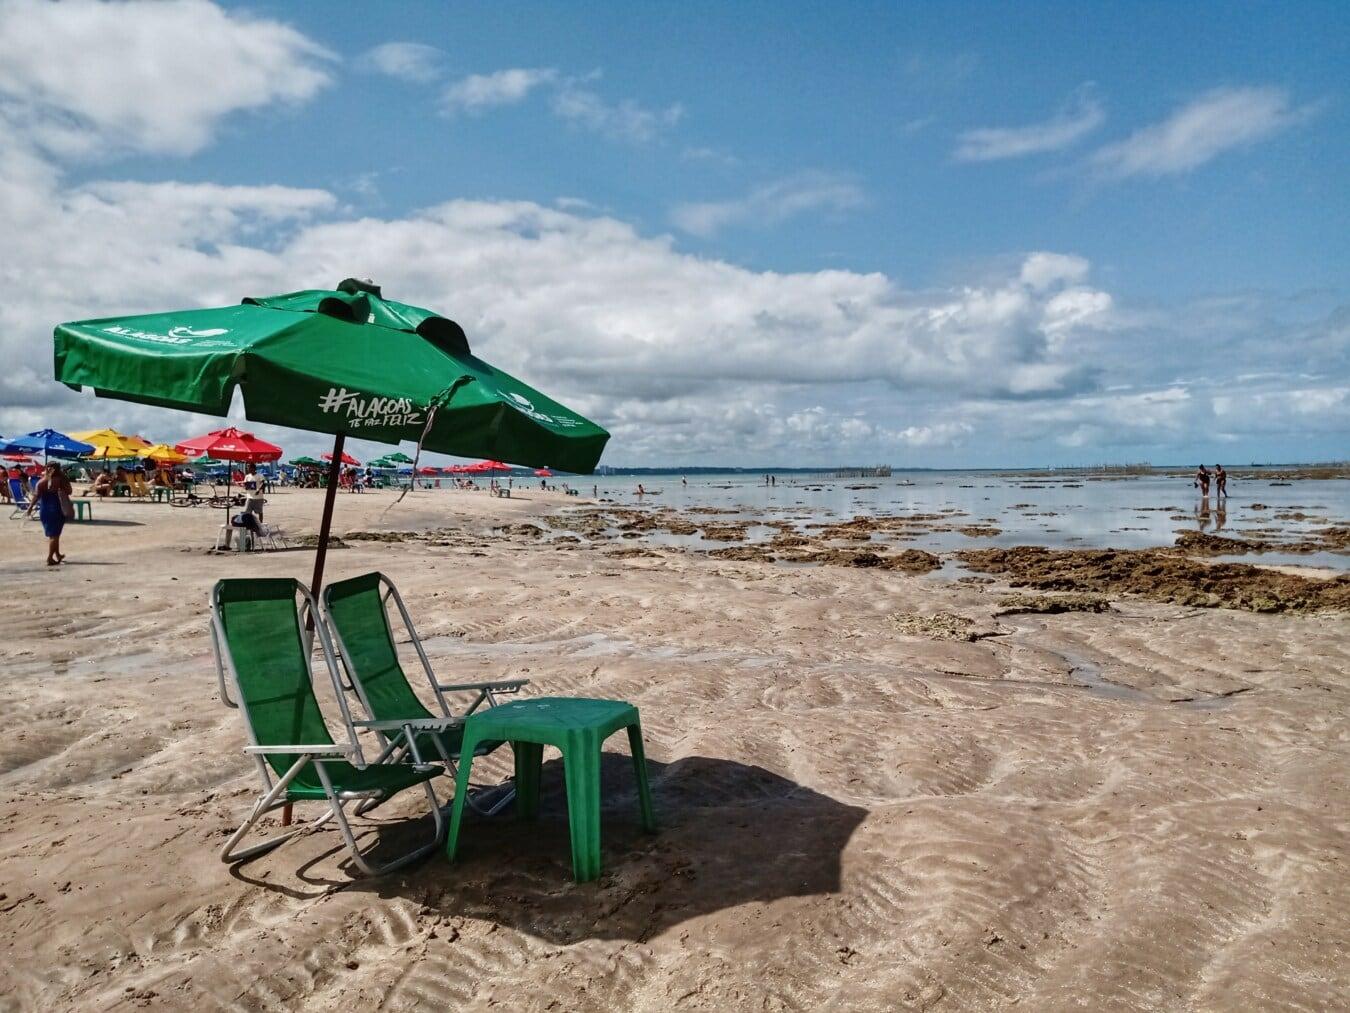 Brésil, plage, l'été, chaises, parasol, attraction touristique, zone de villégiature, Tourisme, eau, sable